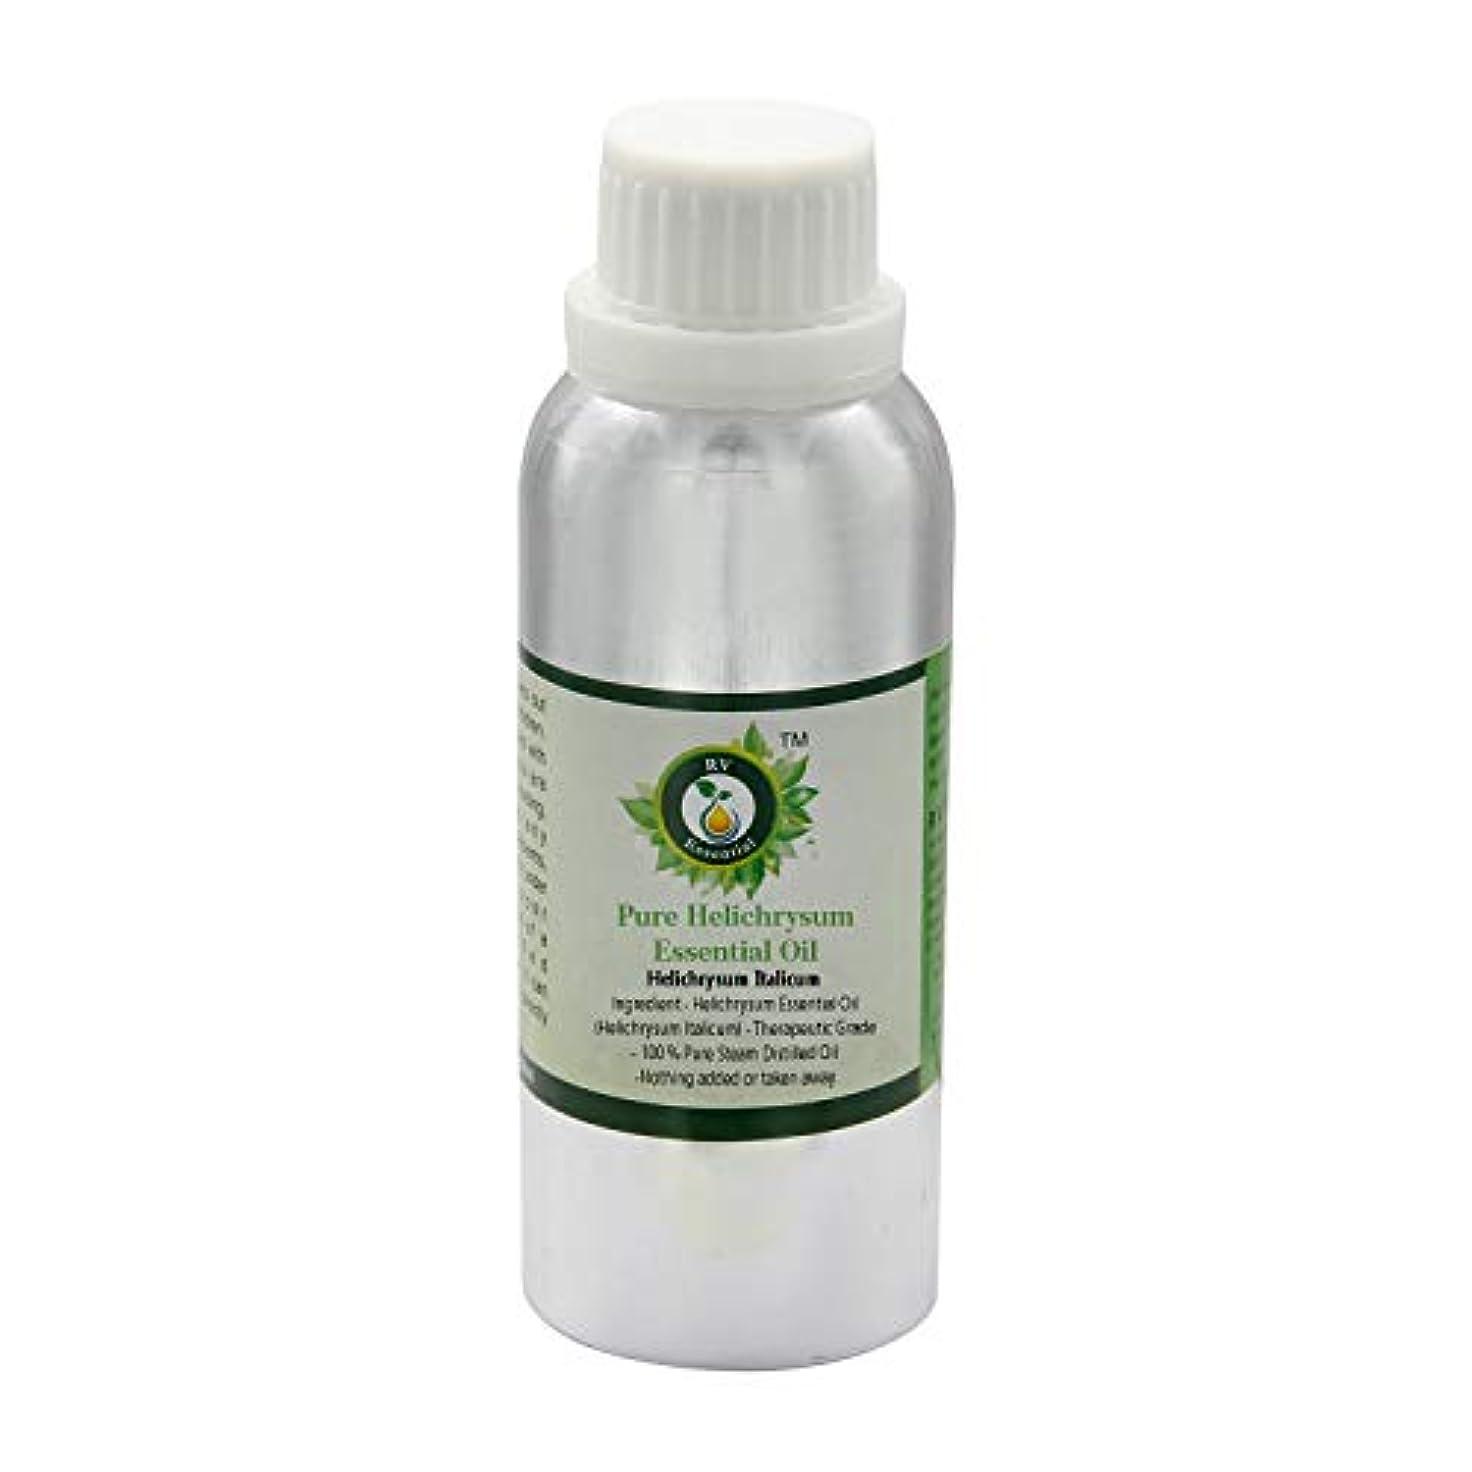 拍手拮抗価値ピュアヘリクリサムエッセンシャルオイル300ml (10oz)- Helichrysum Italicum (100%純粋&天然スチームDistilled) Pure Helichrysum Essential Oil